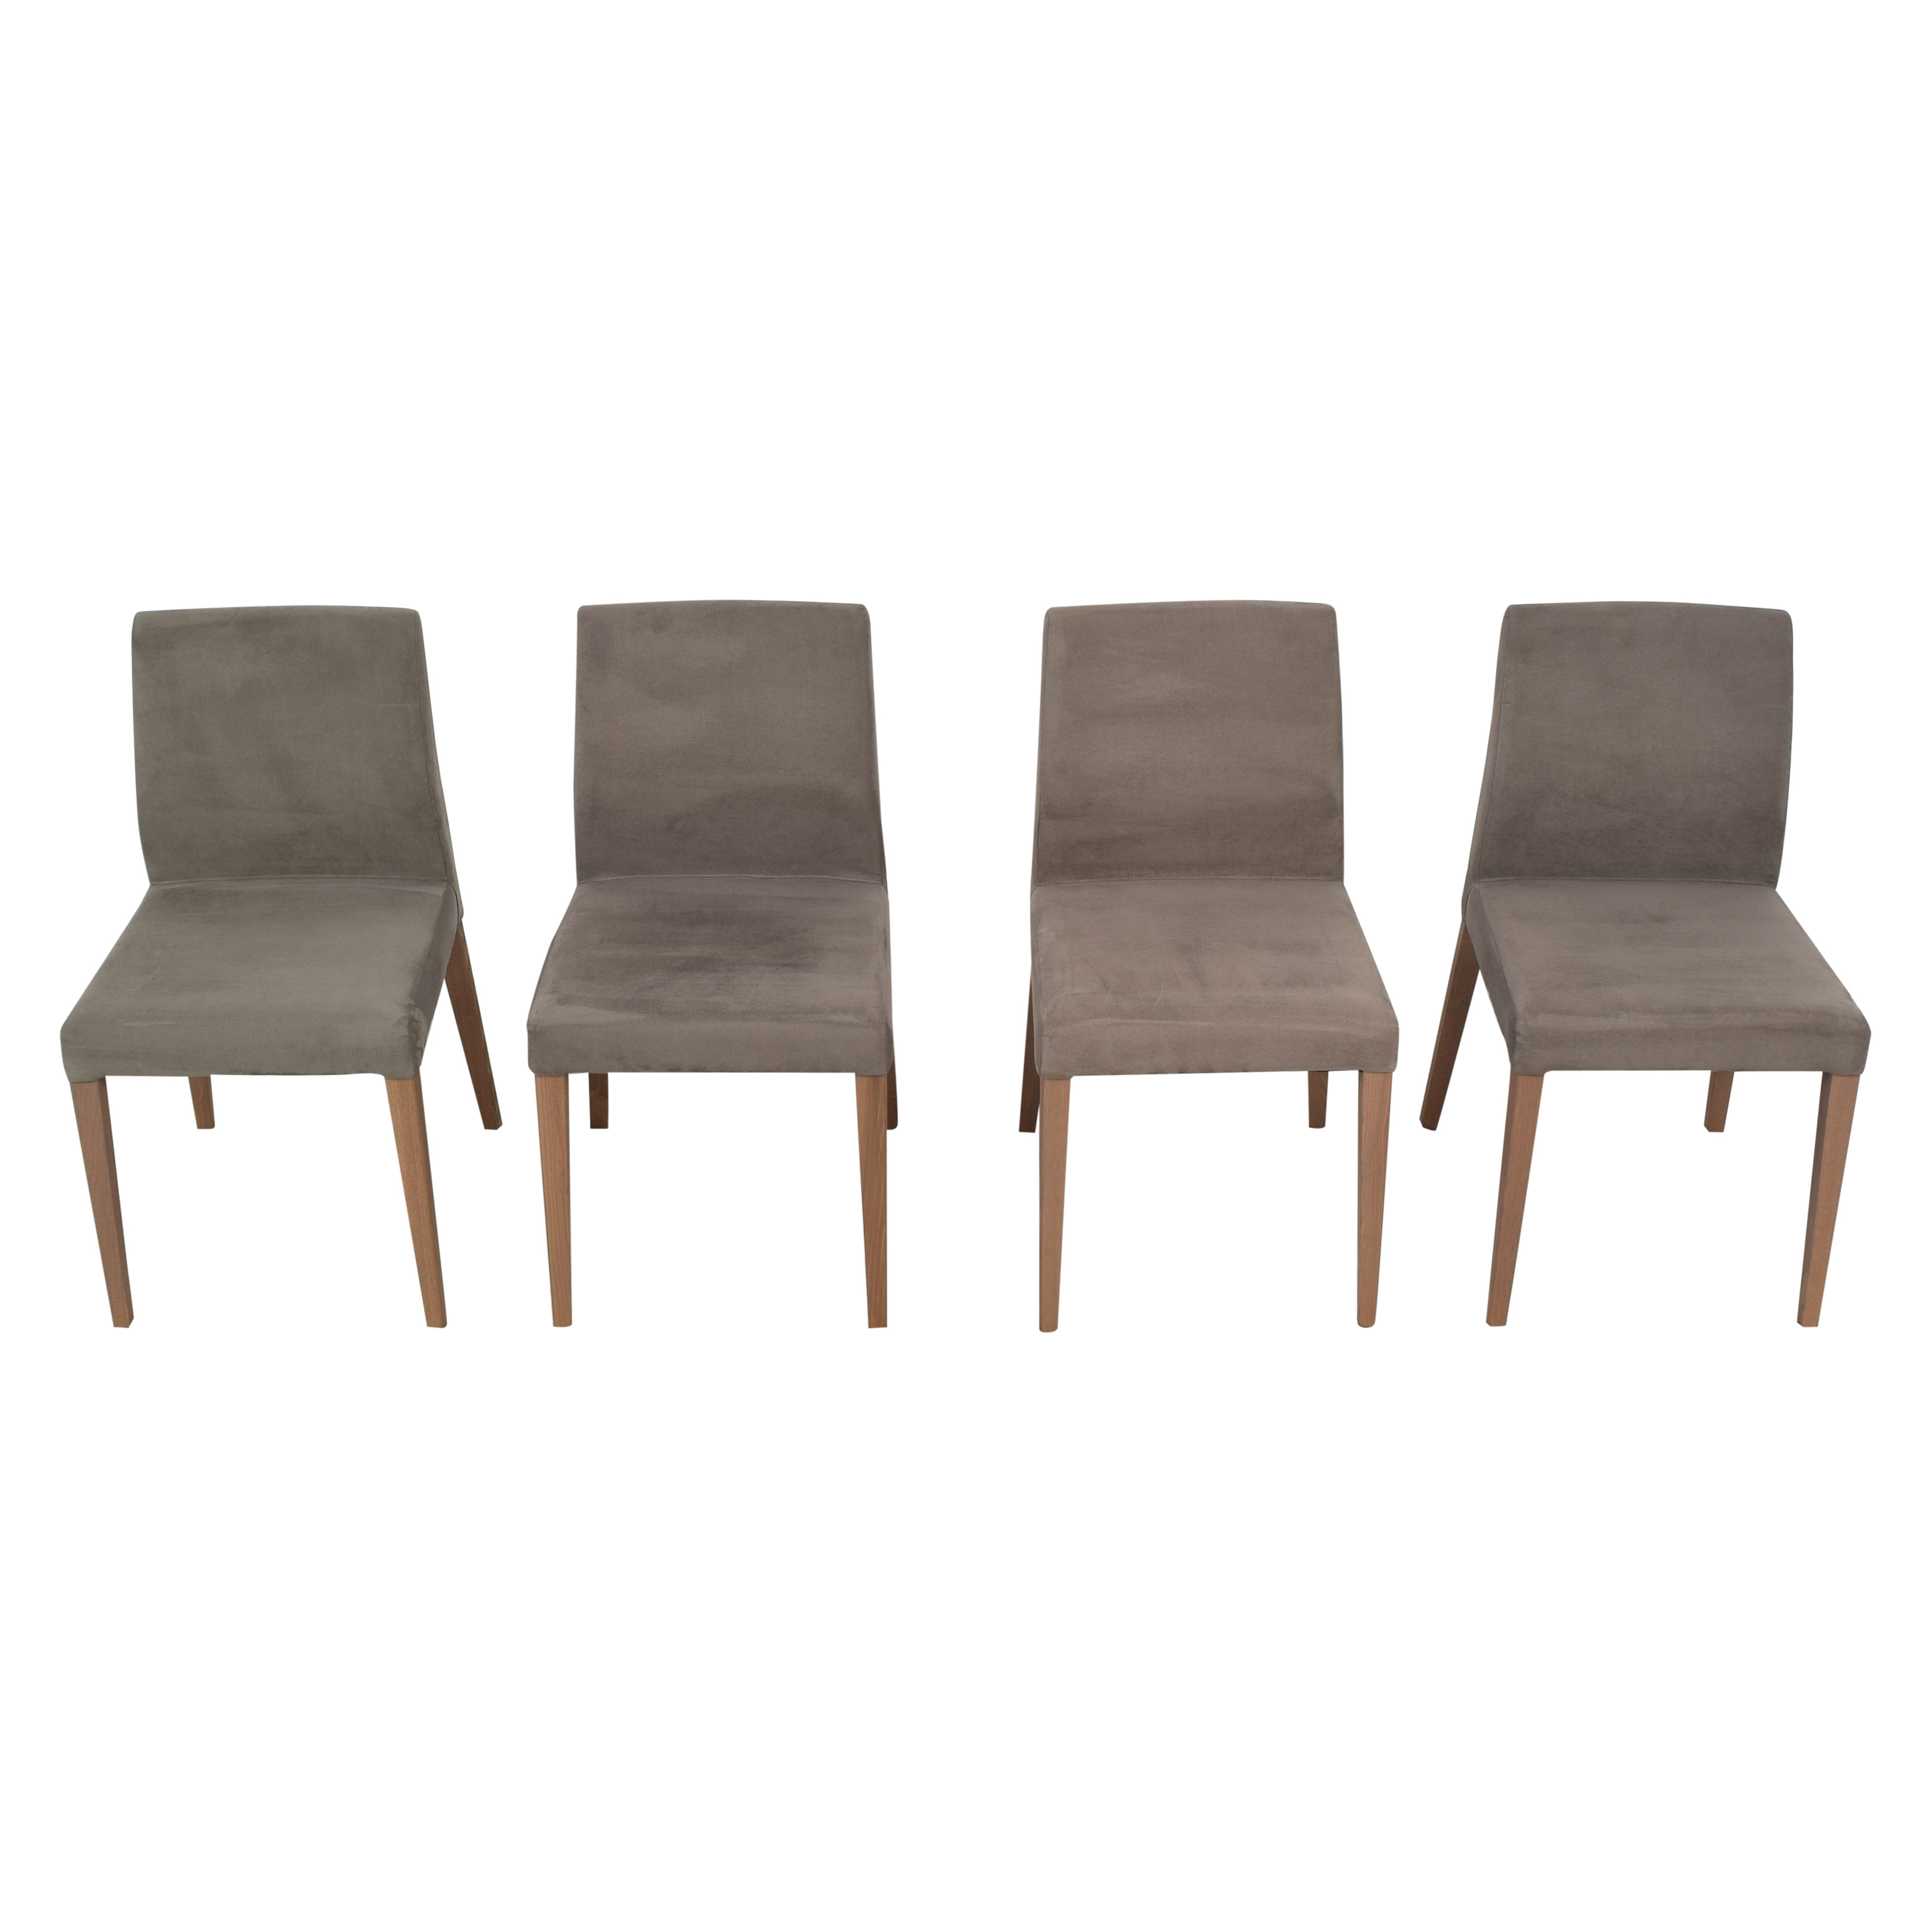 shop Crate & Barrel Lowe Upholstered Dining Chairs Crate & Barrel Dining Chairs